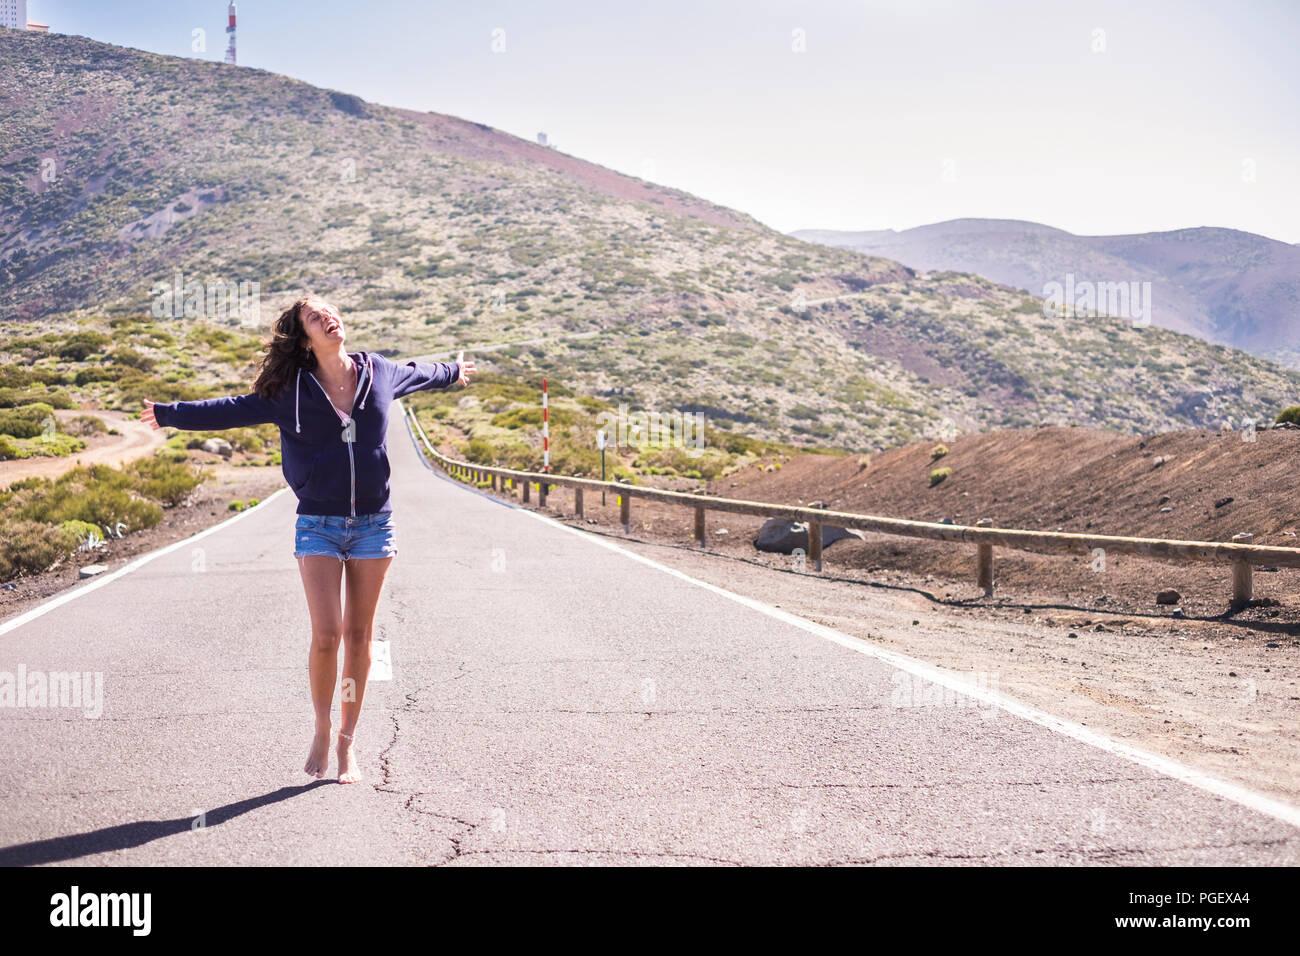 Hermosa joven camina descalzo durante un largo camino en las montañas. la felicidad y alegría el concepto de modelo caucasiano de bellas piernas y cortocircuitos. Imagen De Stock